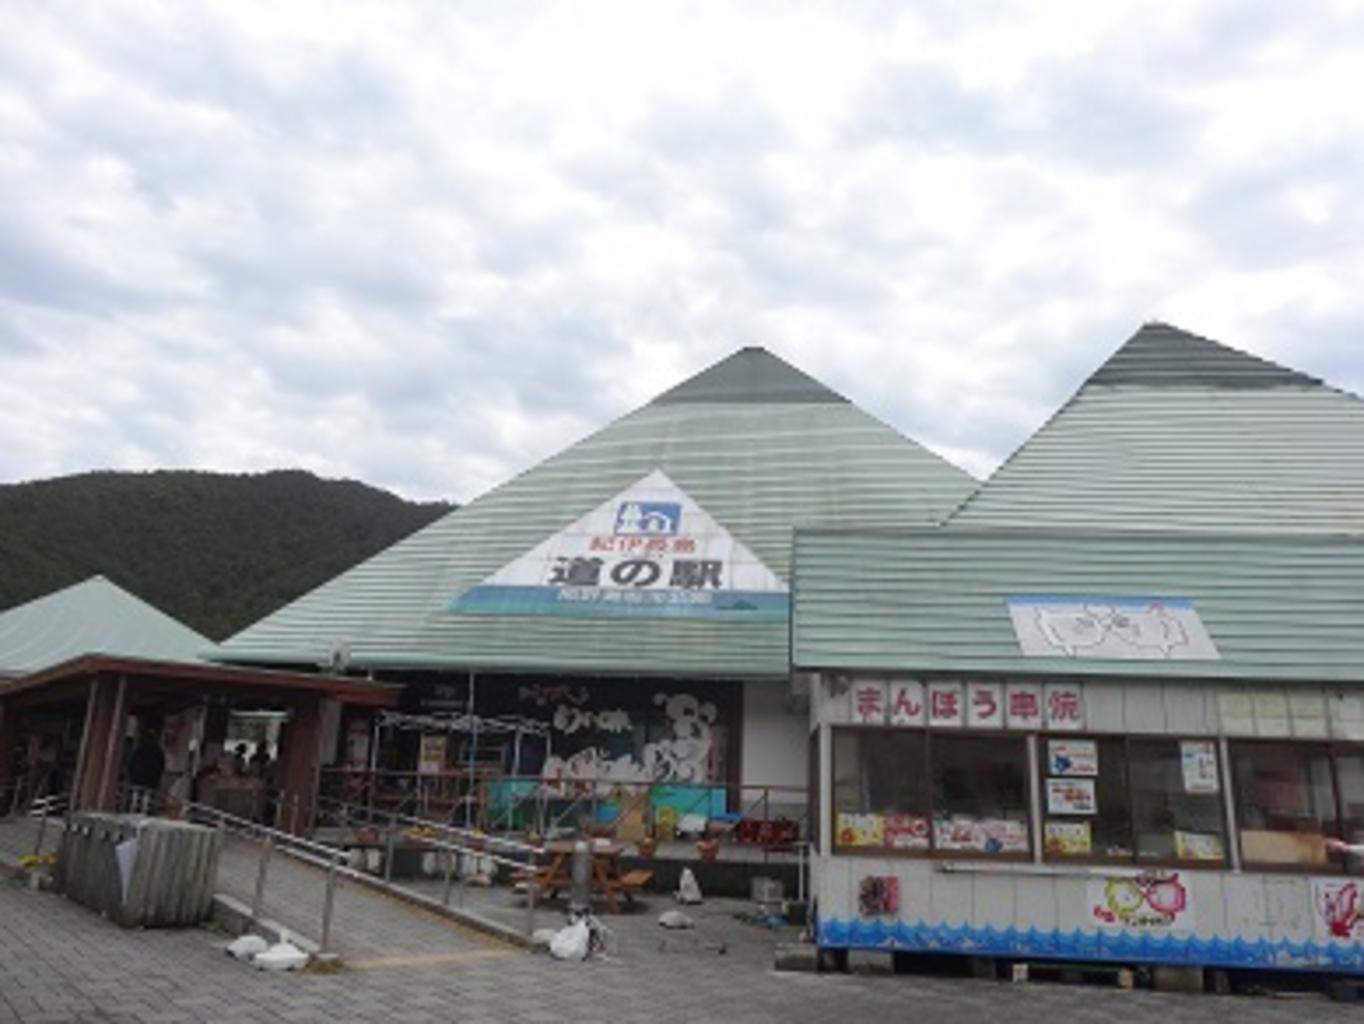 道の駅 紀伊長島マンボウ